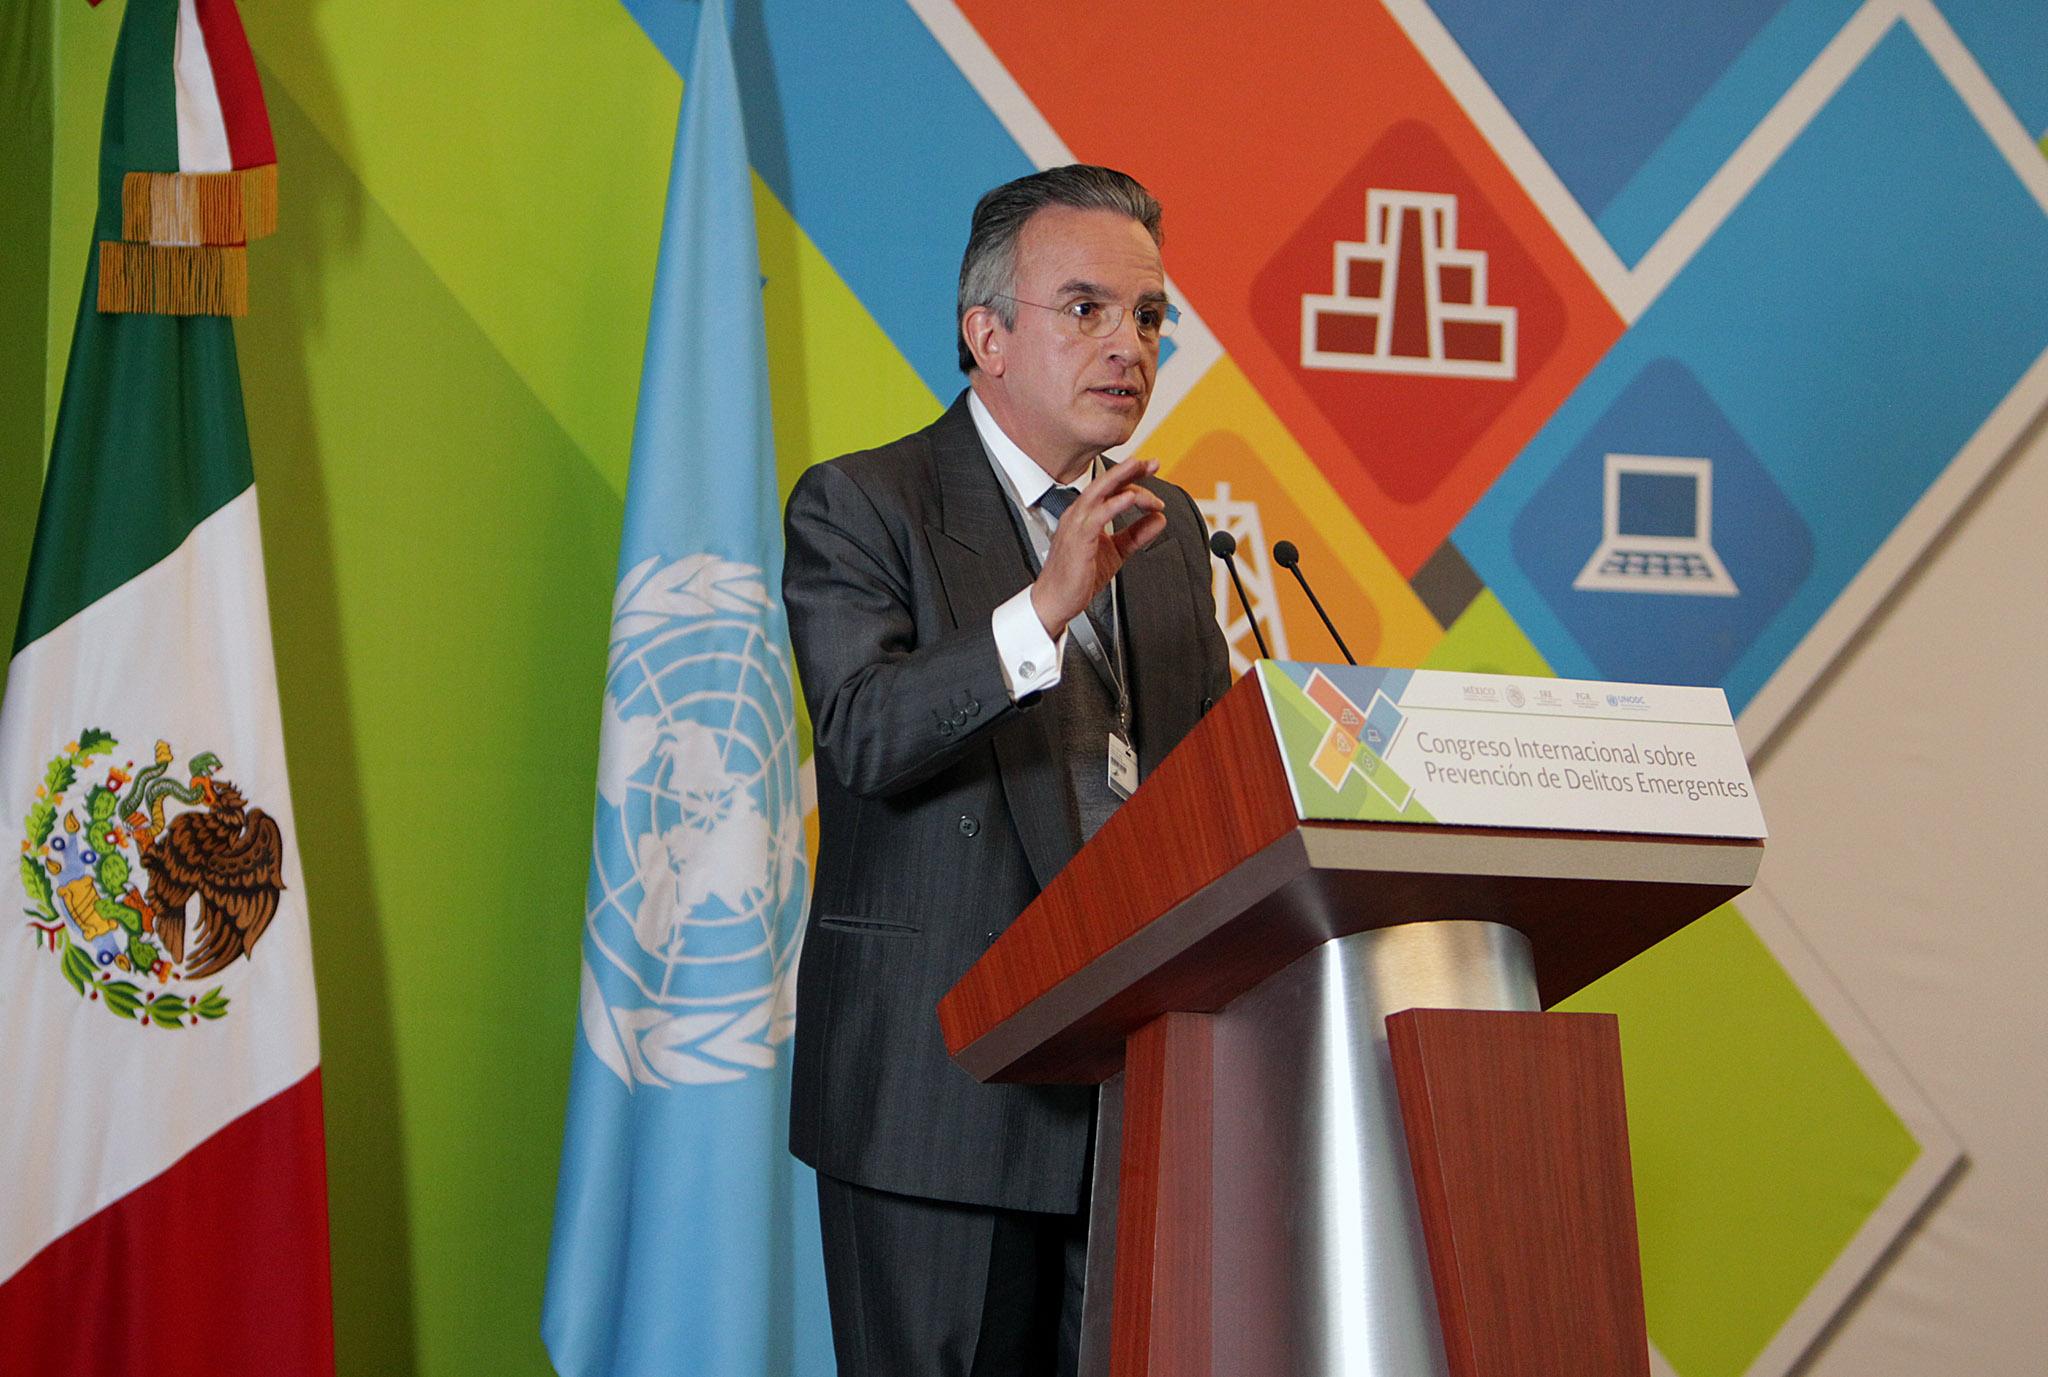 FOTO 1 Subsecretario Miguel Ruiz Caba as en la Clausura Congreso Internacional sobre Prevenci n de Delitos Emergentesjpg